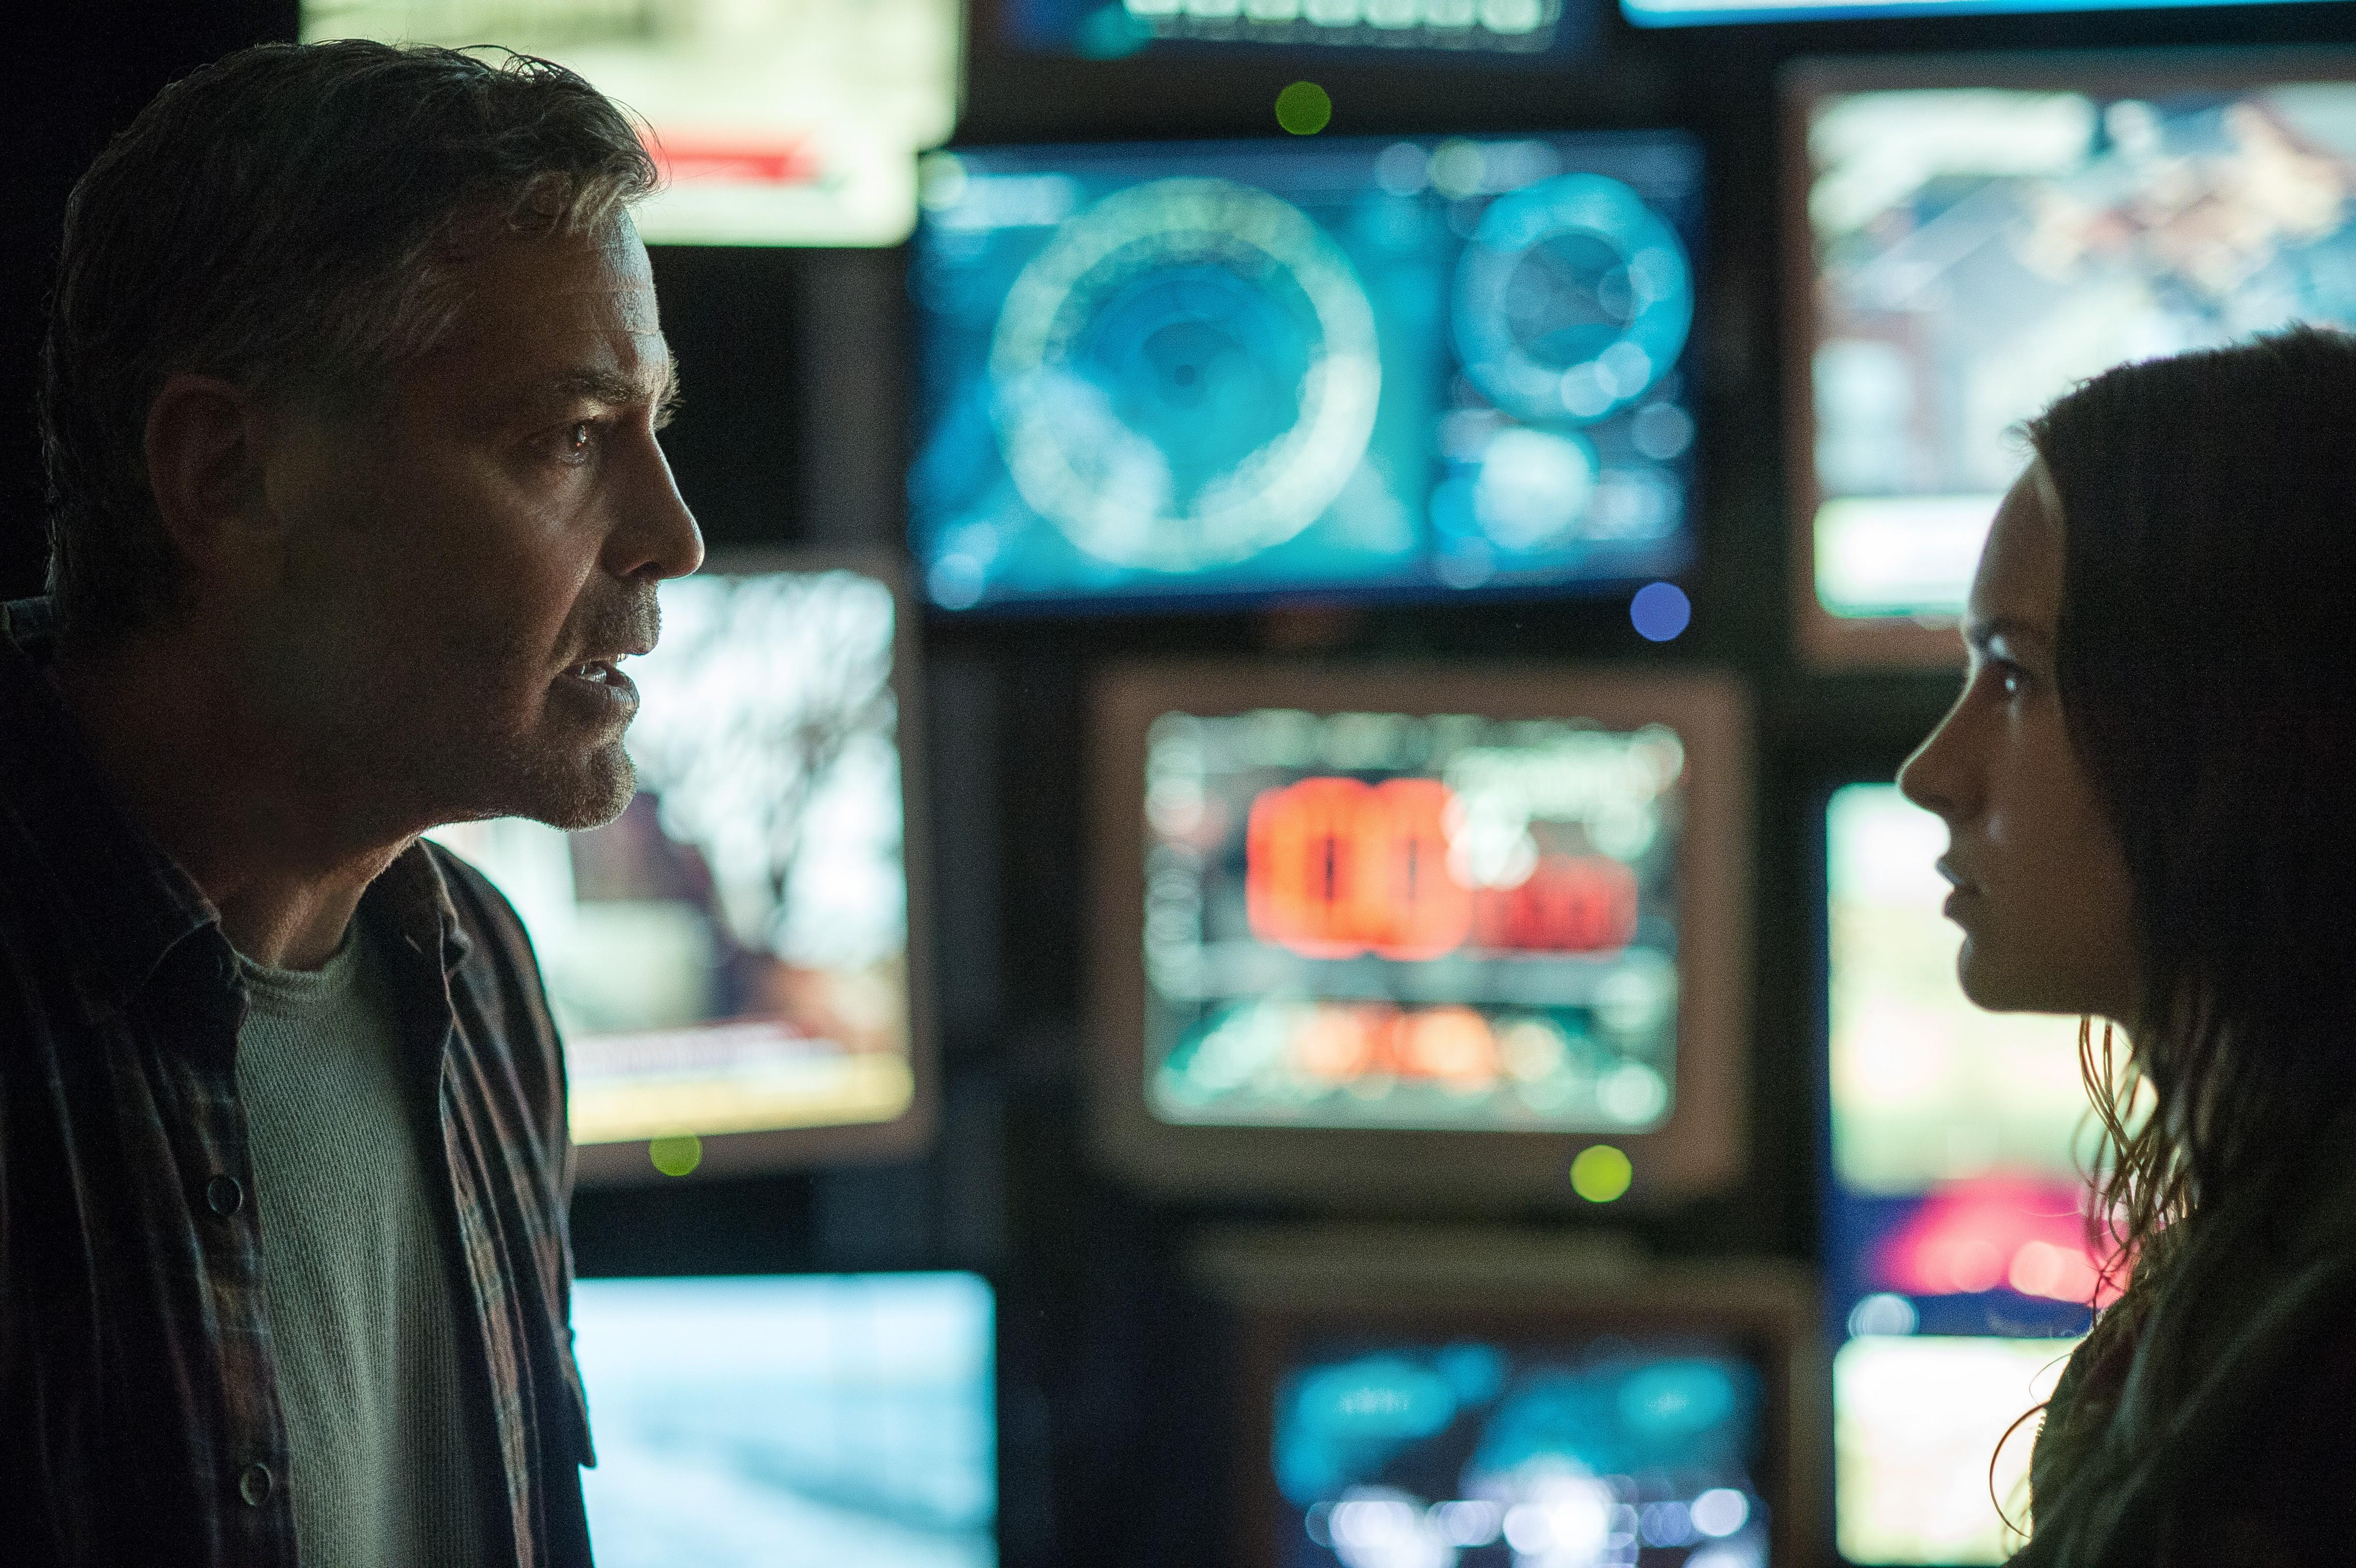 кадры из фильма Земля будущего Джордж Клуни, Бритт Робертсон,